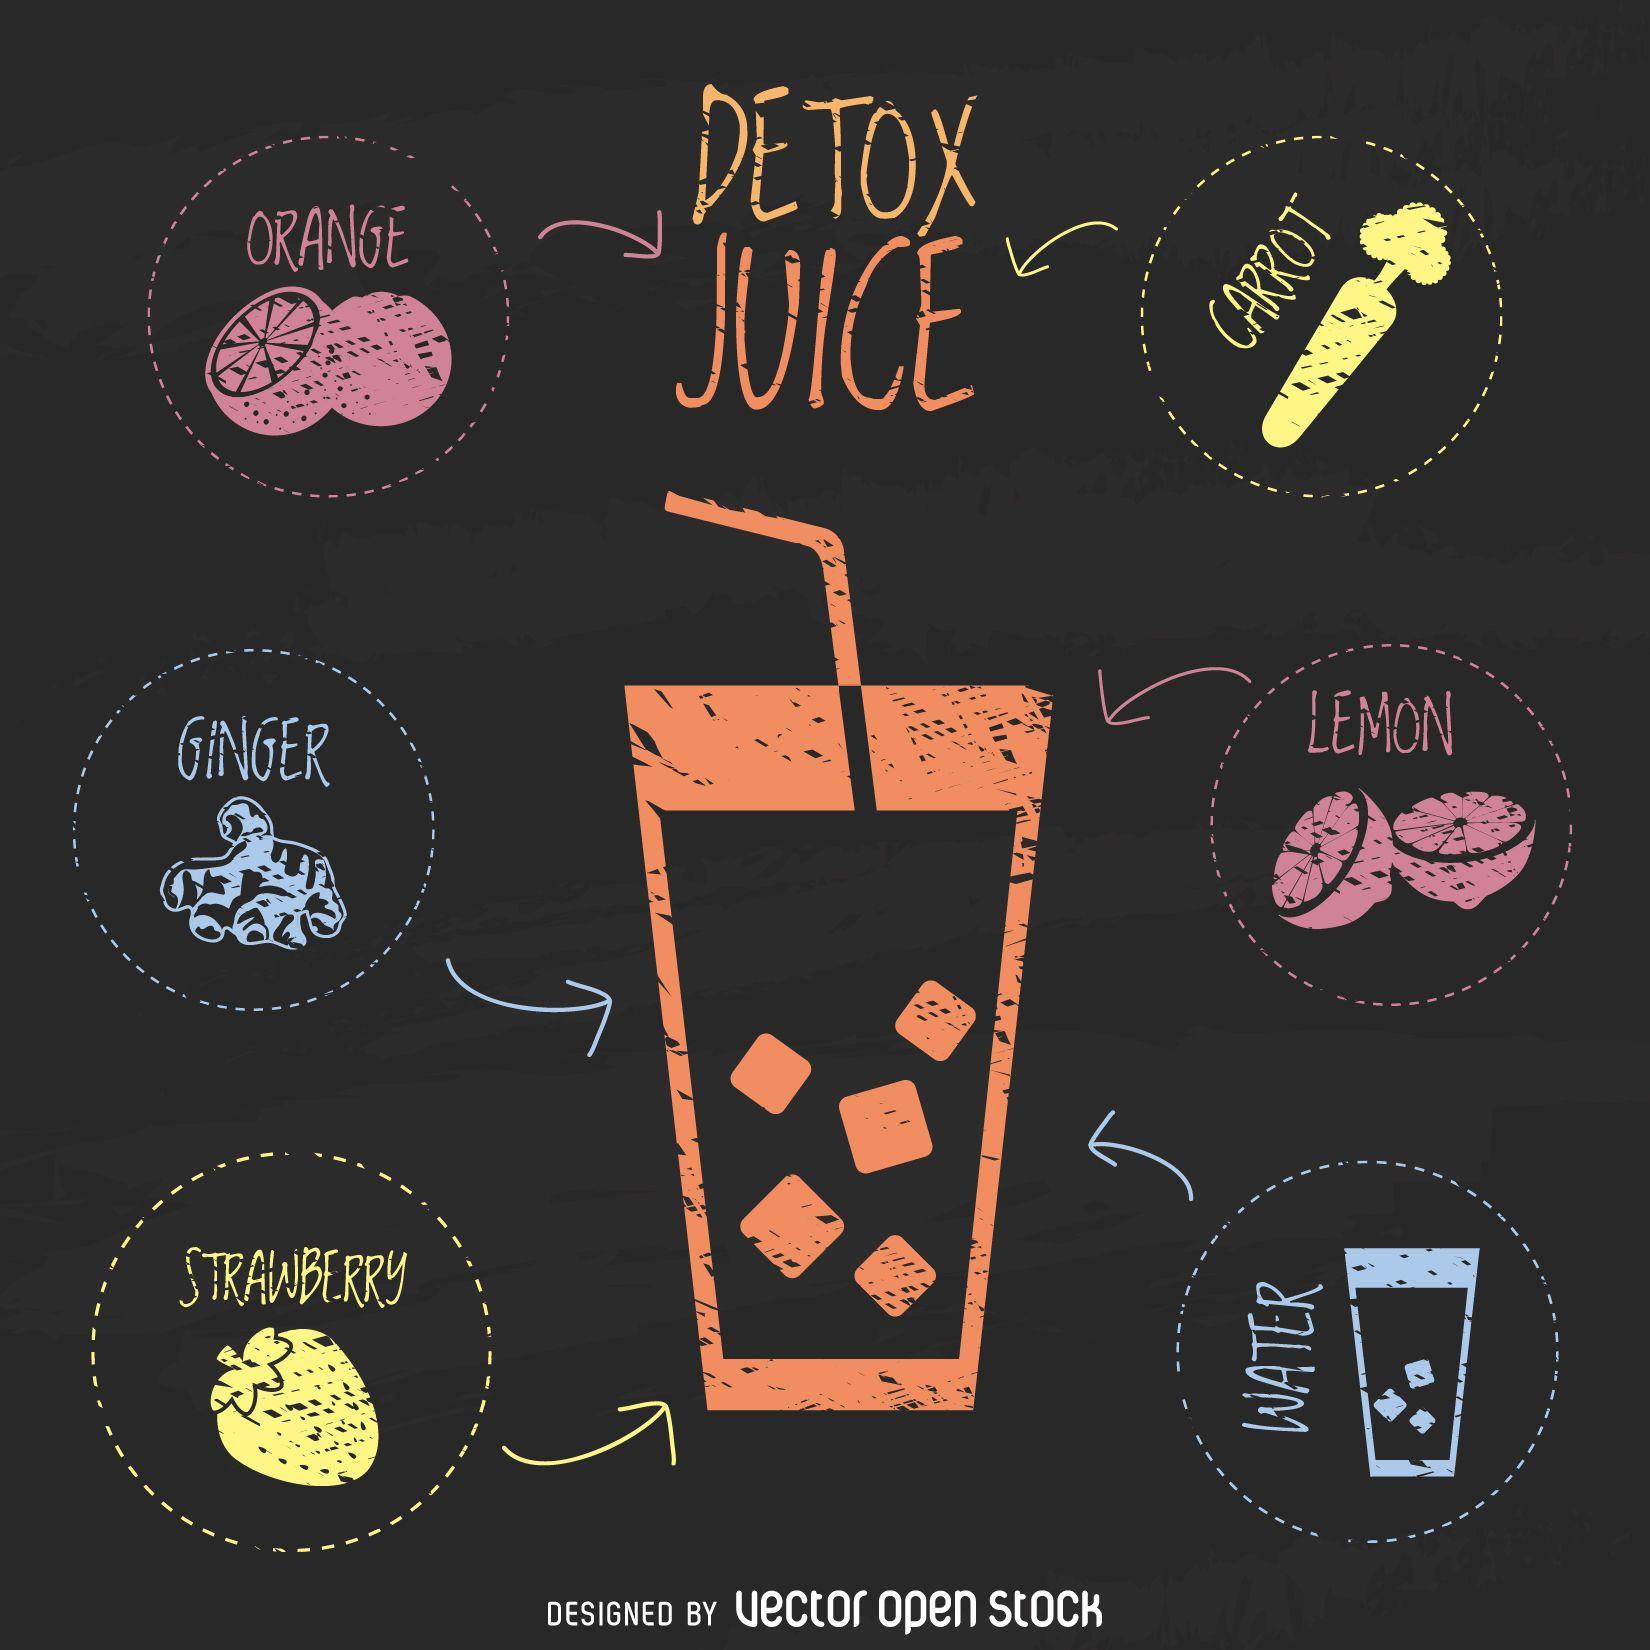 Colorful chalkboard detox juice